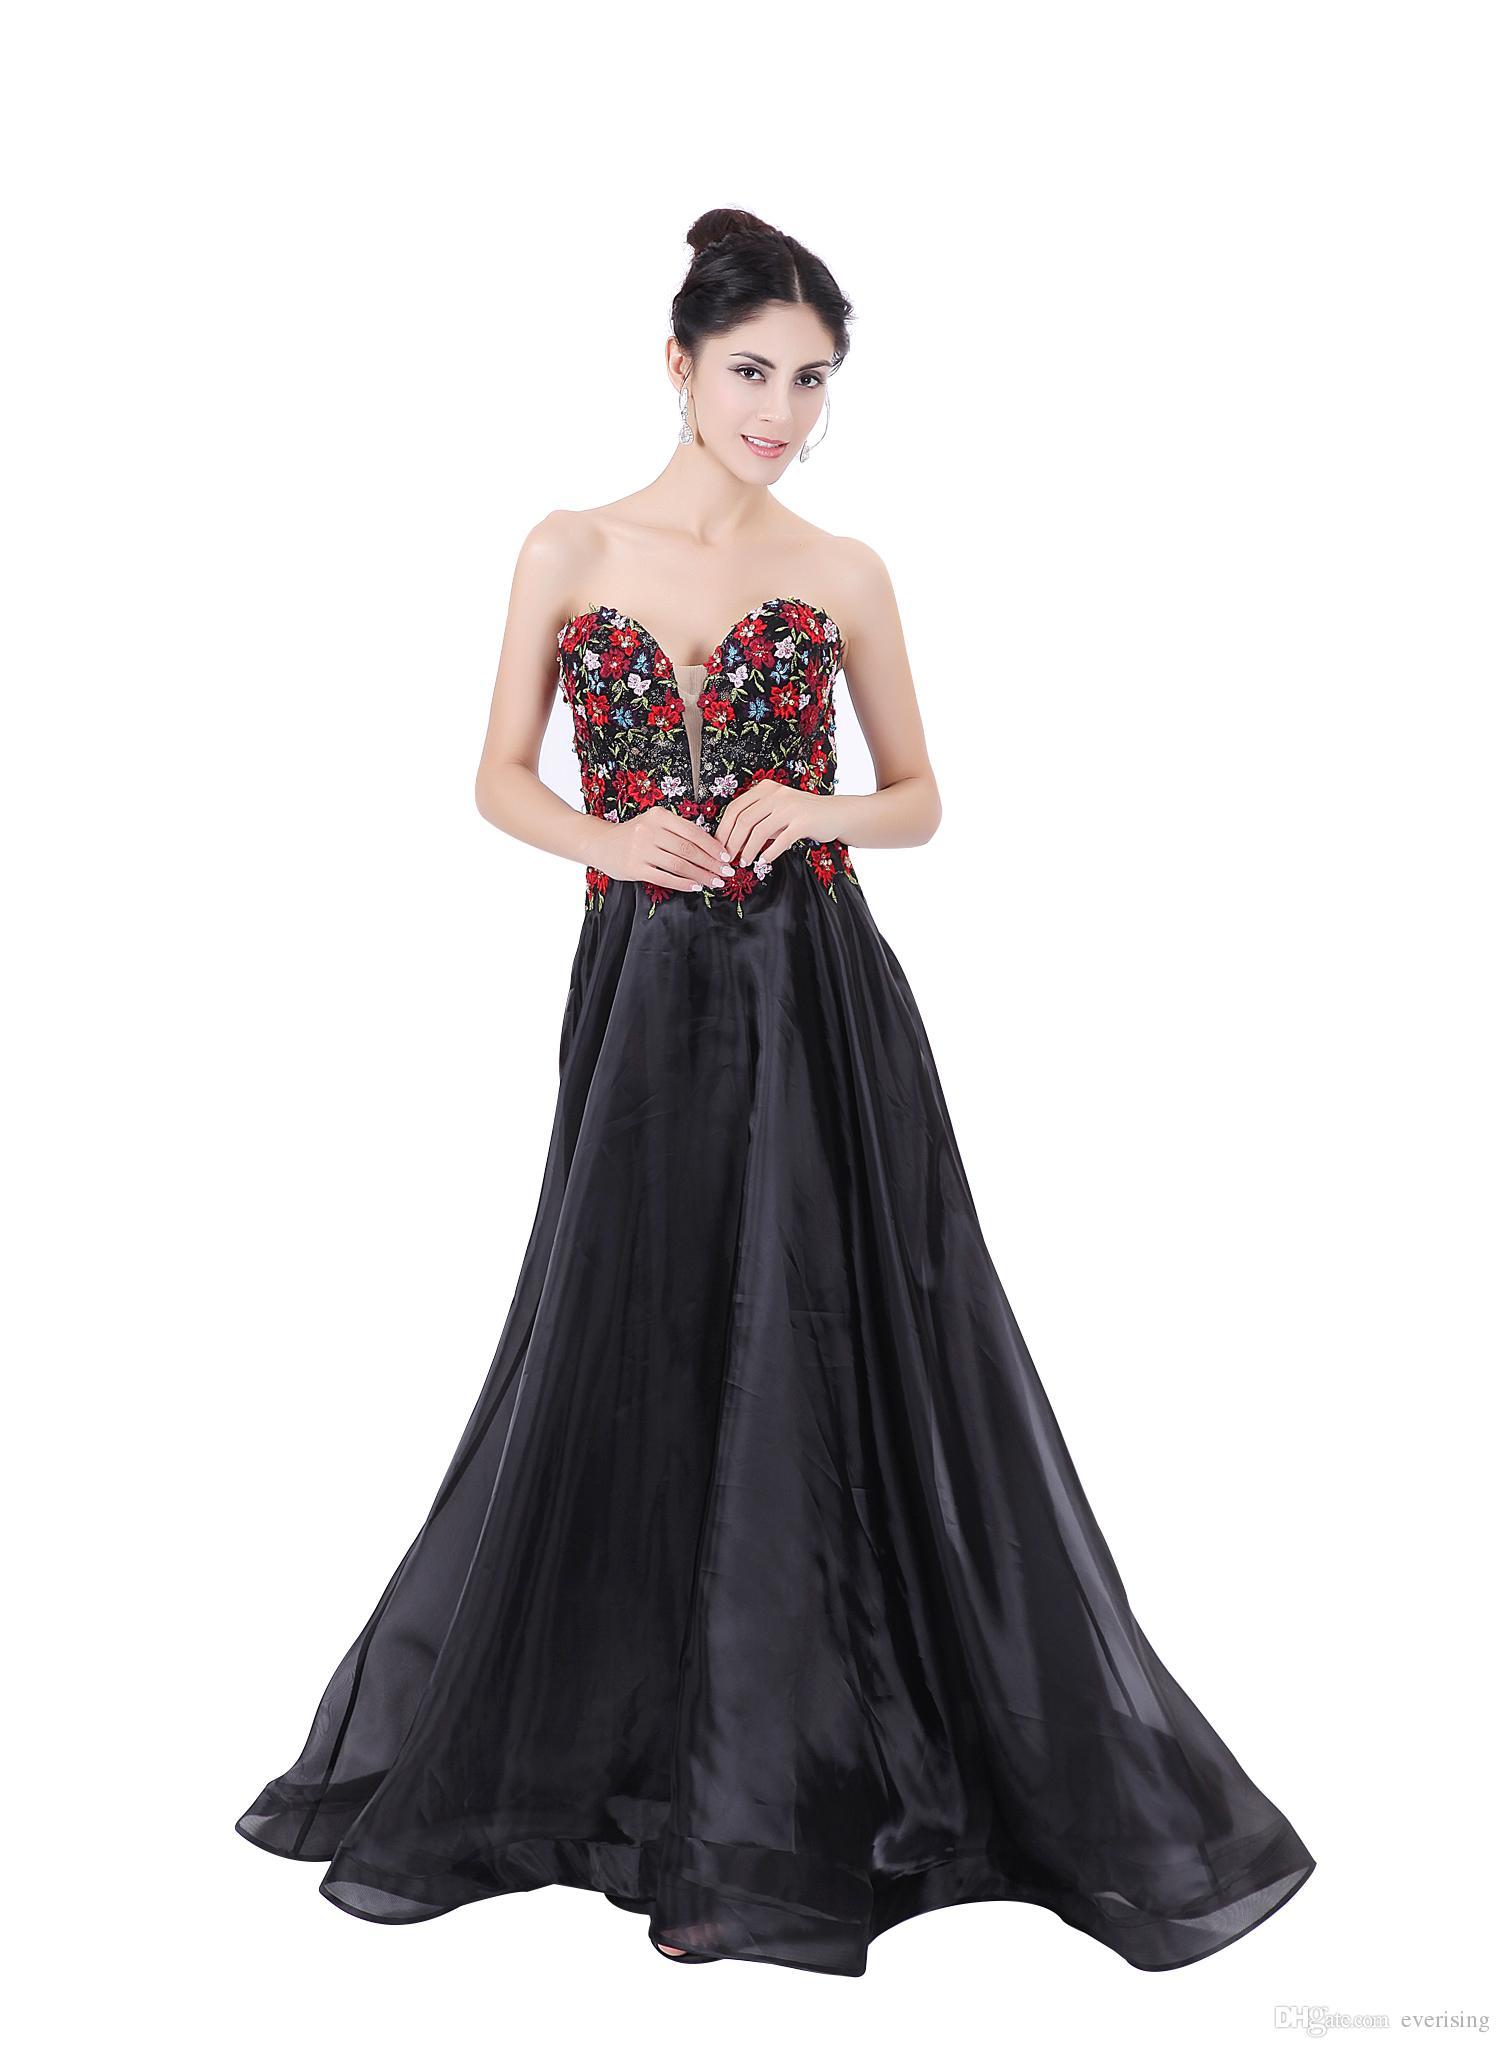 Modabelle Damska Organza Suknie Wieczorowe Zaawansowane Dostosowywanie Formalna Kochanie Linia 3d Kwiaty 2017 Prom Dresses